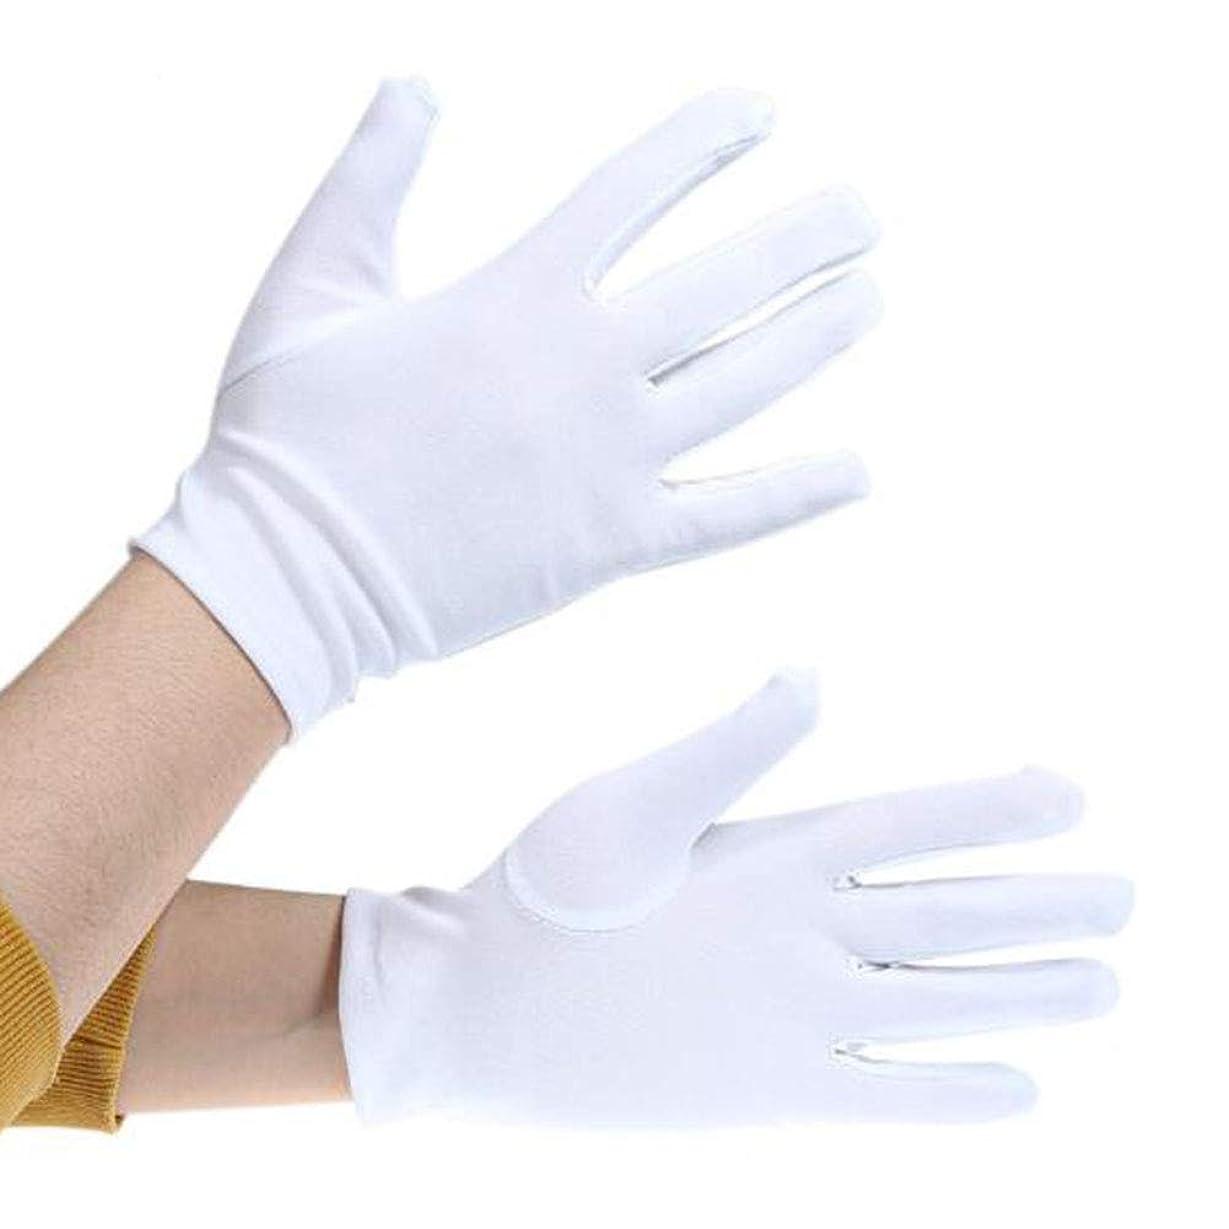 お世話になった悪行チャーター白手袋薄 礼装用 ジュエリーグローブ時計 貴金属 宝石 接客用 品質管理用 作業用手ぶくろ,保護着用者